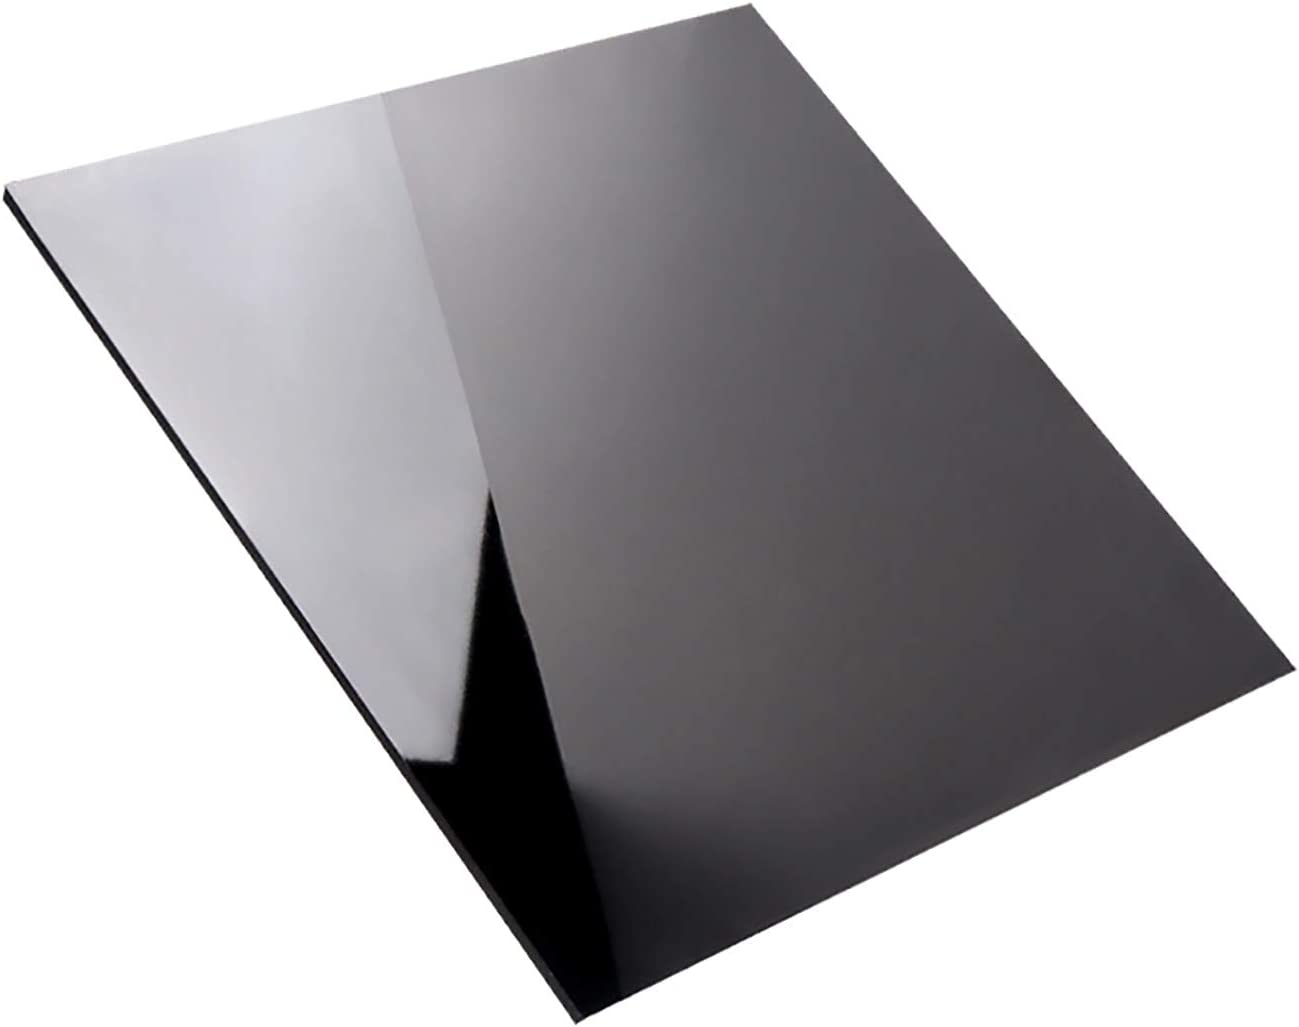 SQINAA Hoja De Acr/ílico Negro Mate 12 X 12 Pulgadas Sesi/ón De Bricolaje Pintura Trabajos De Visualizaci/ón,300x300x3mm